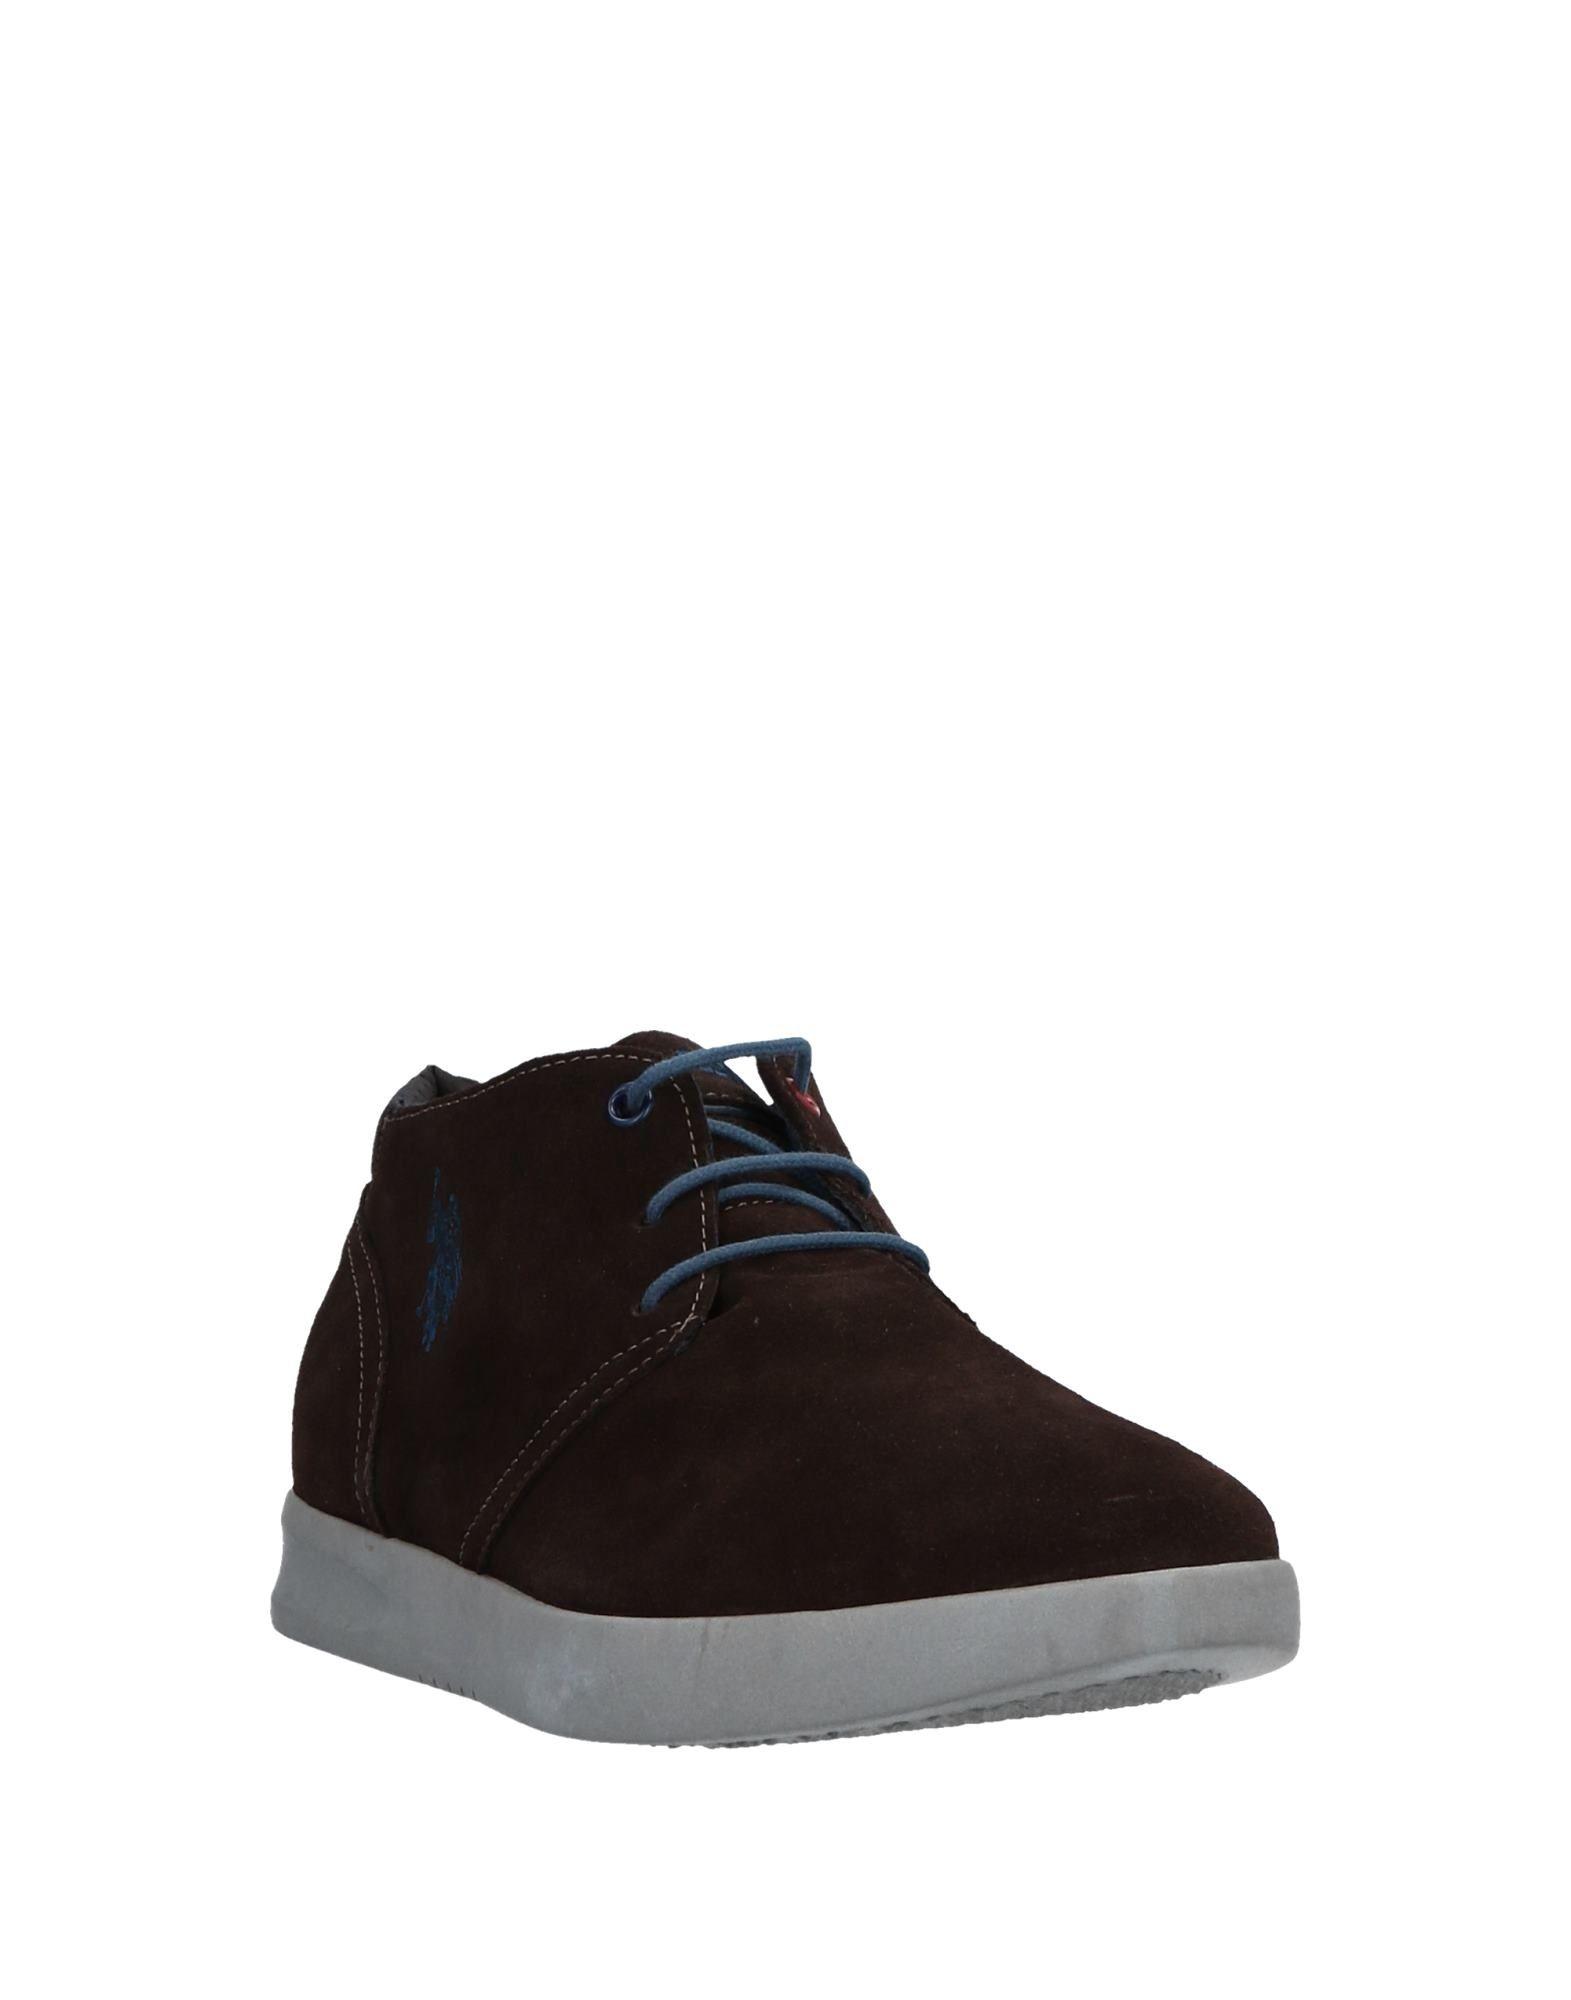 Rabatt echte Schuhe U.S.Polo Assn. 11523486NP Stiefelette Herren  11523486NP Assn. 249566